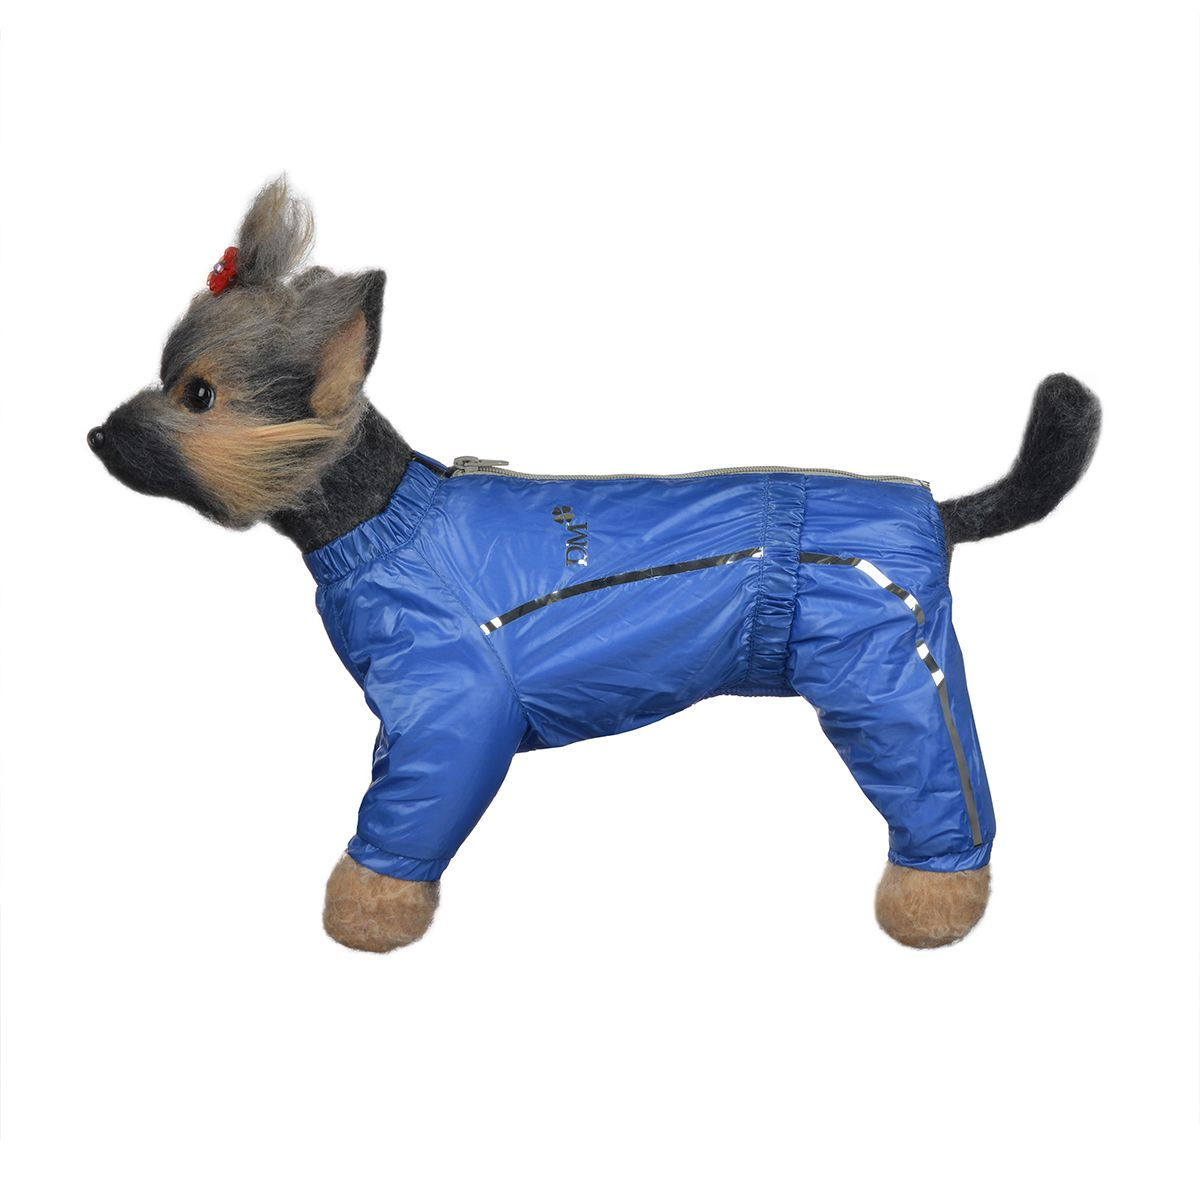 Комбинезон для собак Dogmoda Альпы, для мальчика, цвет: синий. Размер 2 (M) комбинезоны для животных dogmoda комбинезон doggs active 70 сука